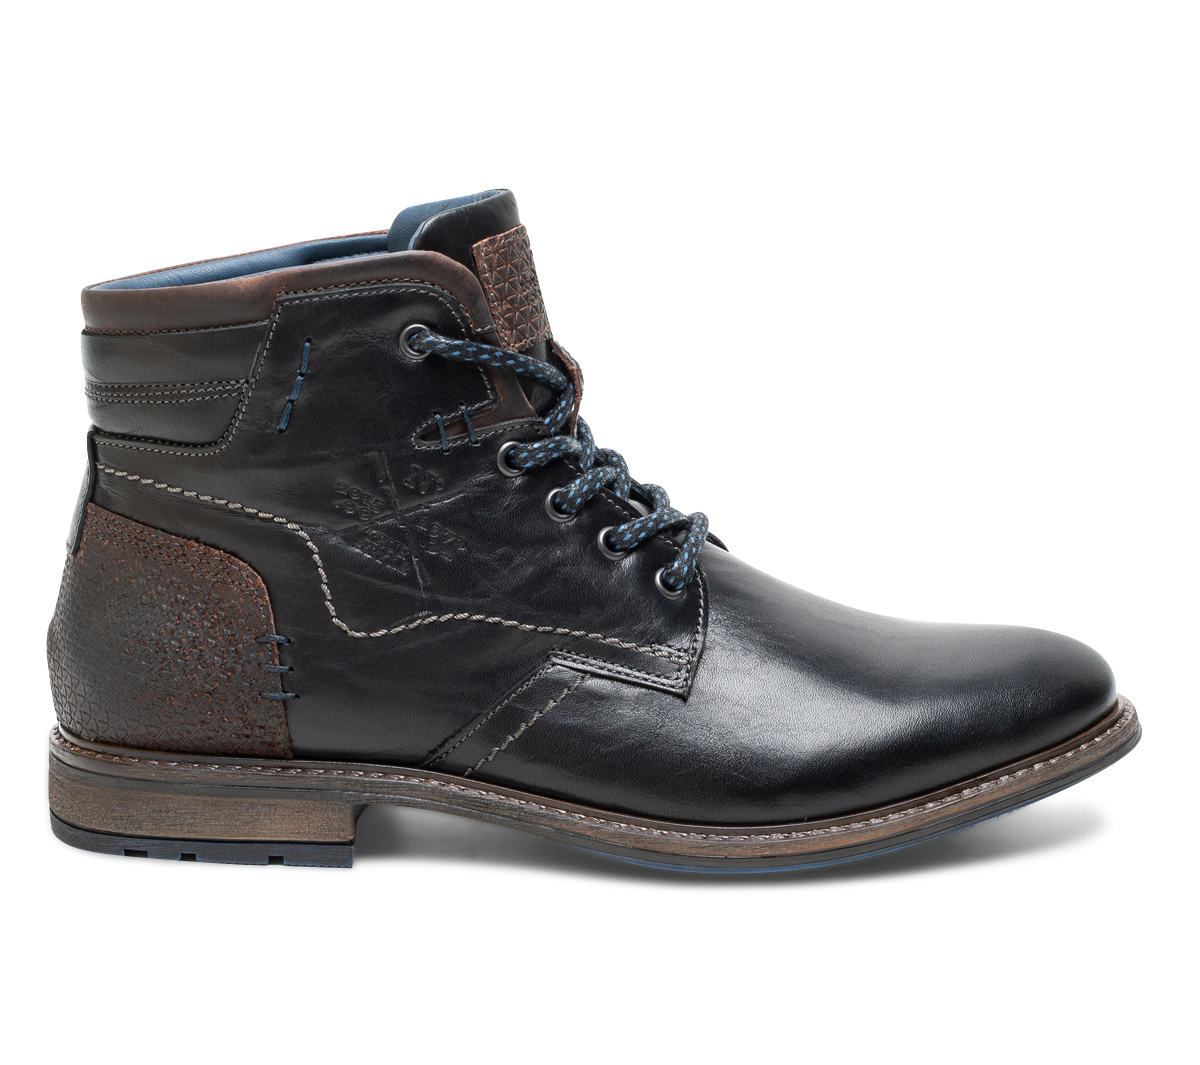 Cuir À Lacet Boots En Noir Eram rdxoCBe